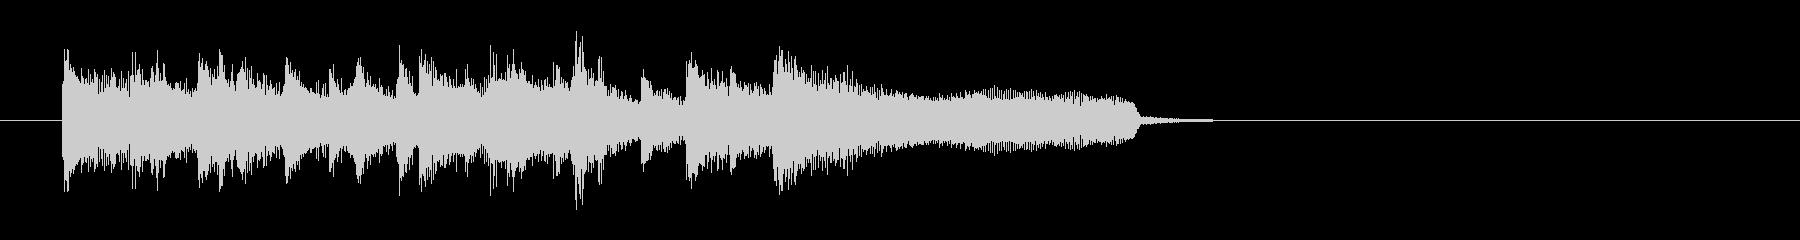 ジングル(バラード・タイプ)の未再生の波形